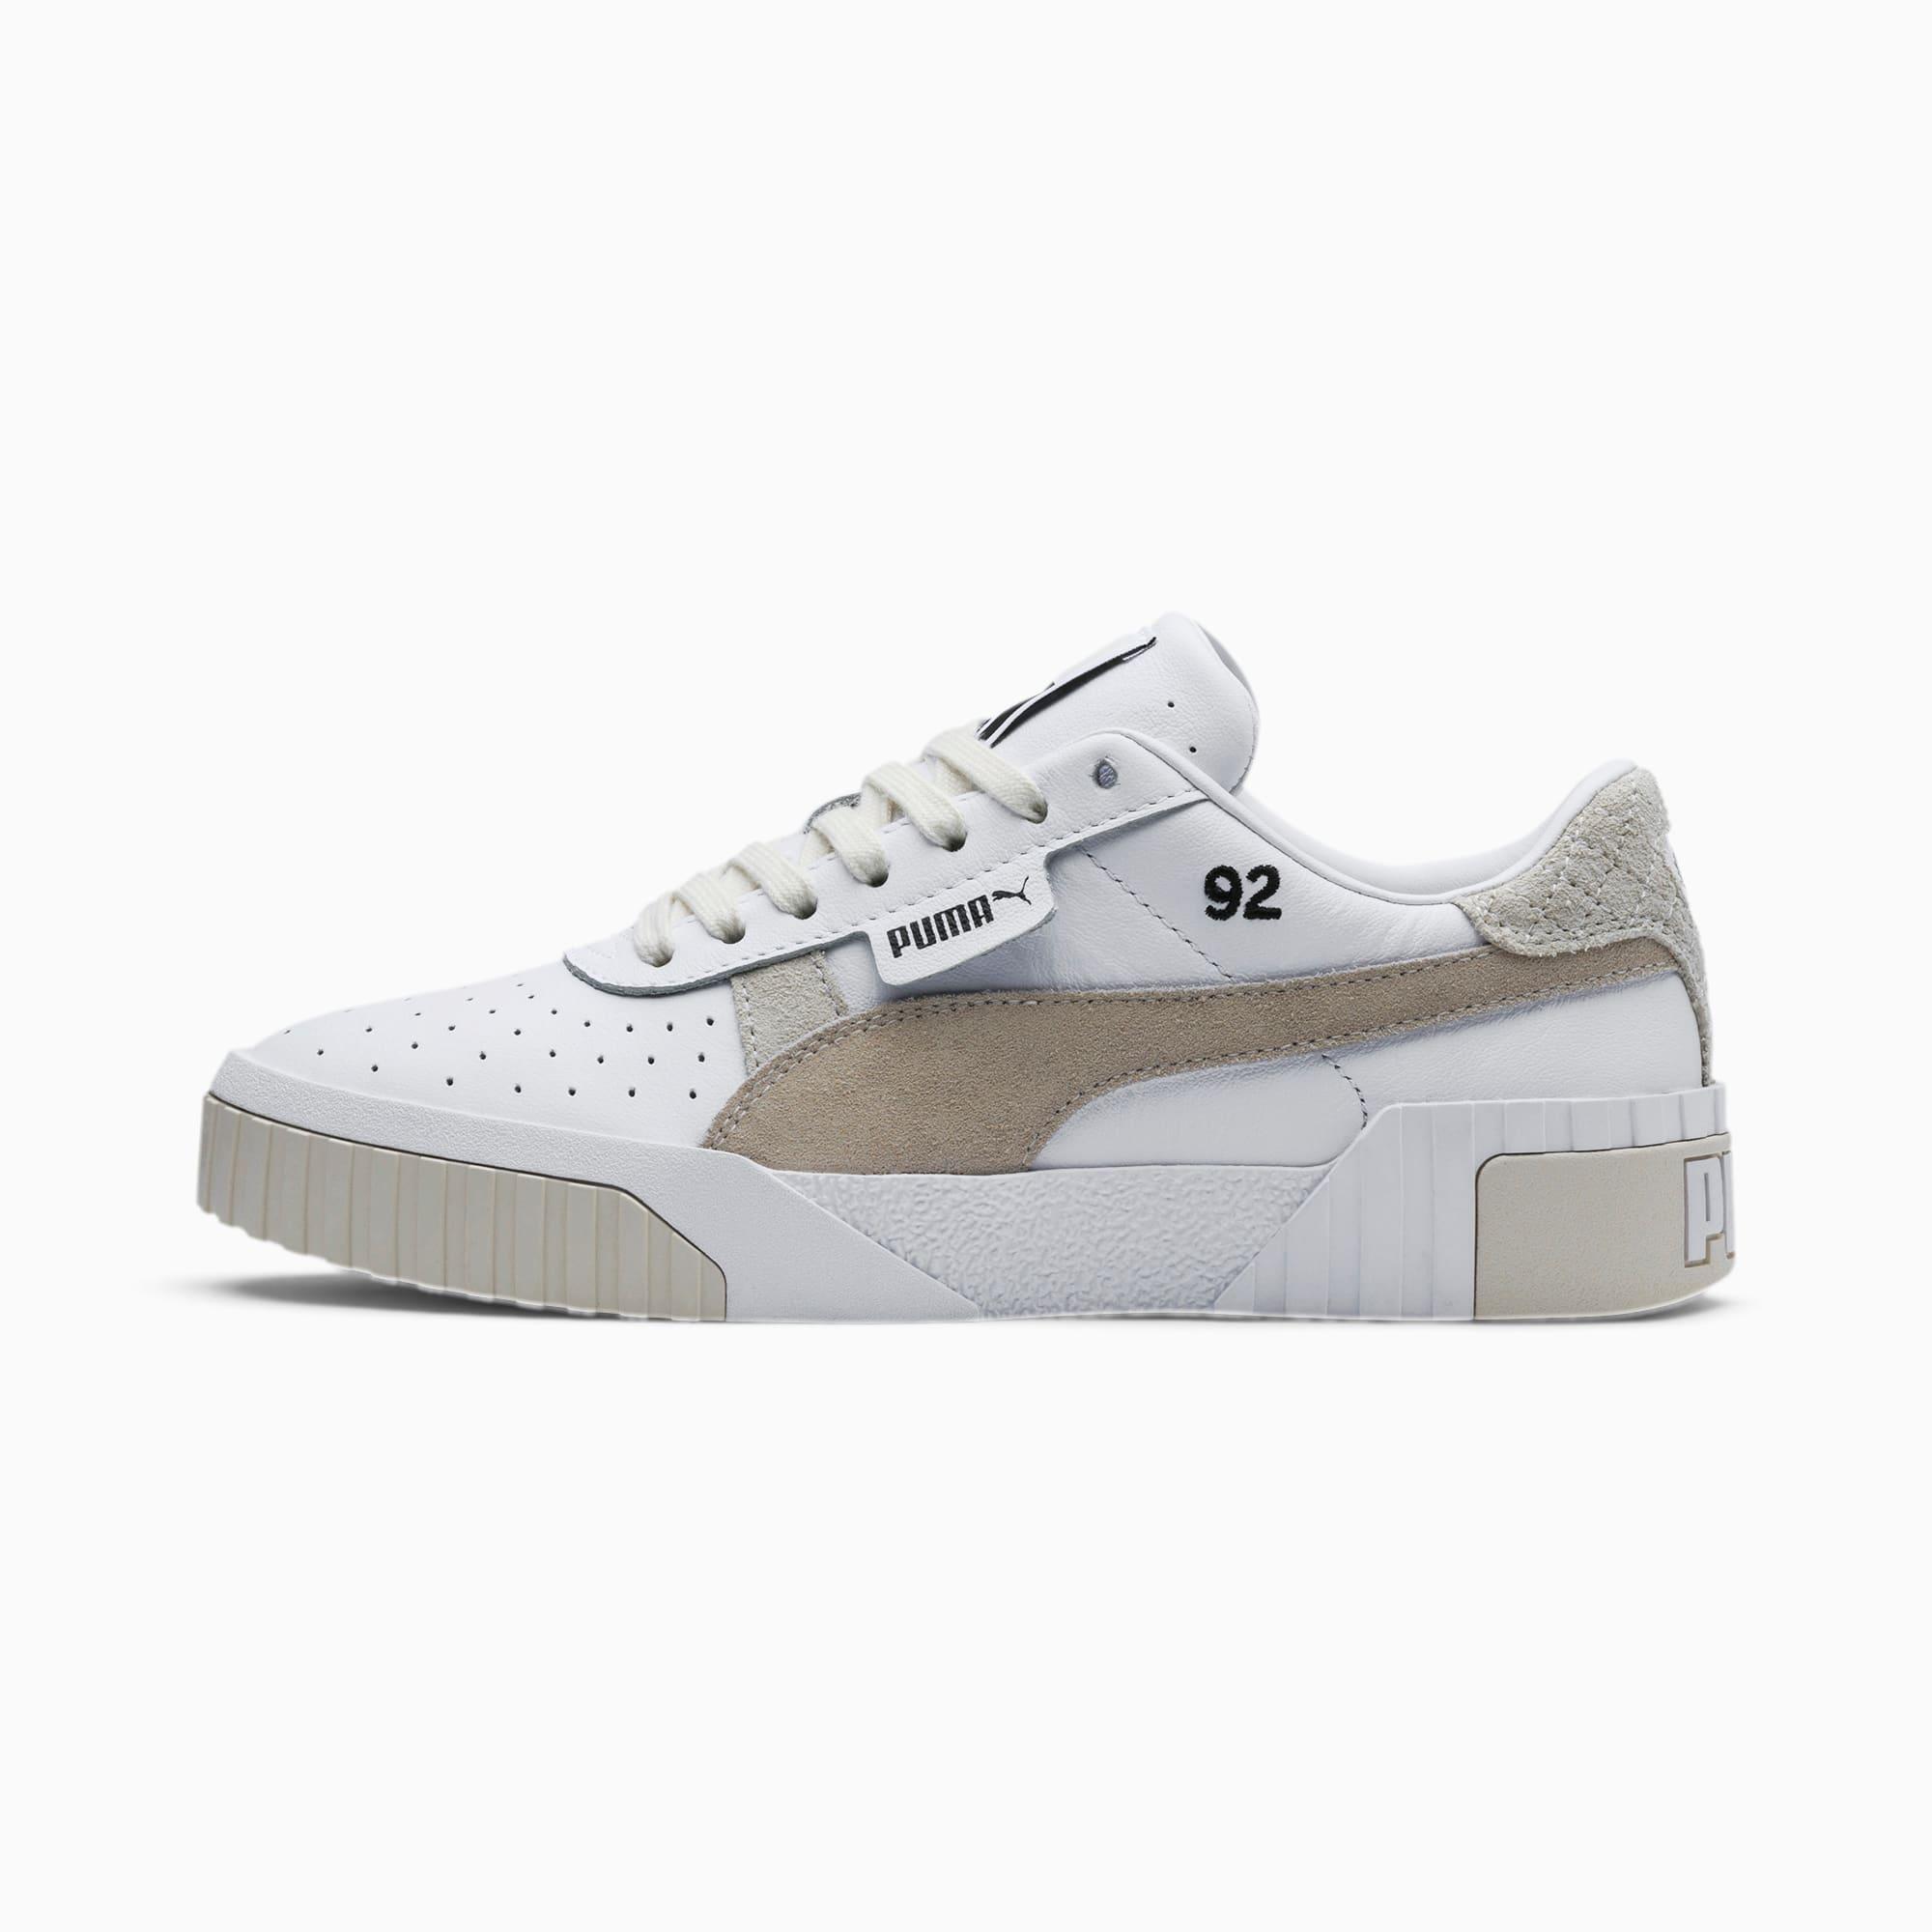 PUMA Chaussure Basket PUMA x SELENA GOMEZ Cali Lthr Suede pour Femme, Argent/Gris/Blanc, Taille 36, Chaussures